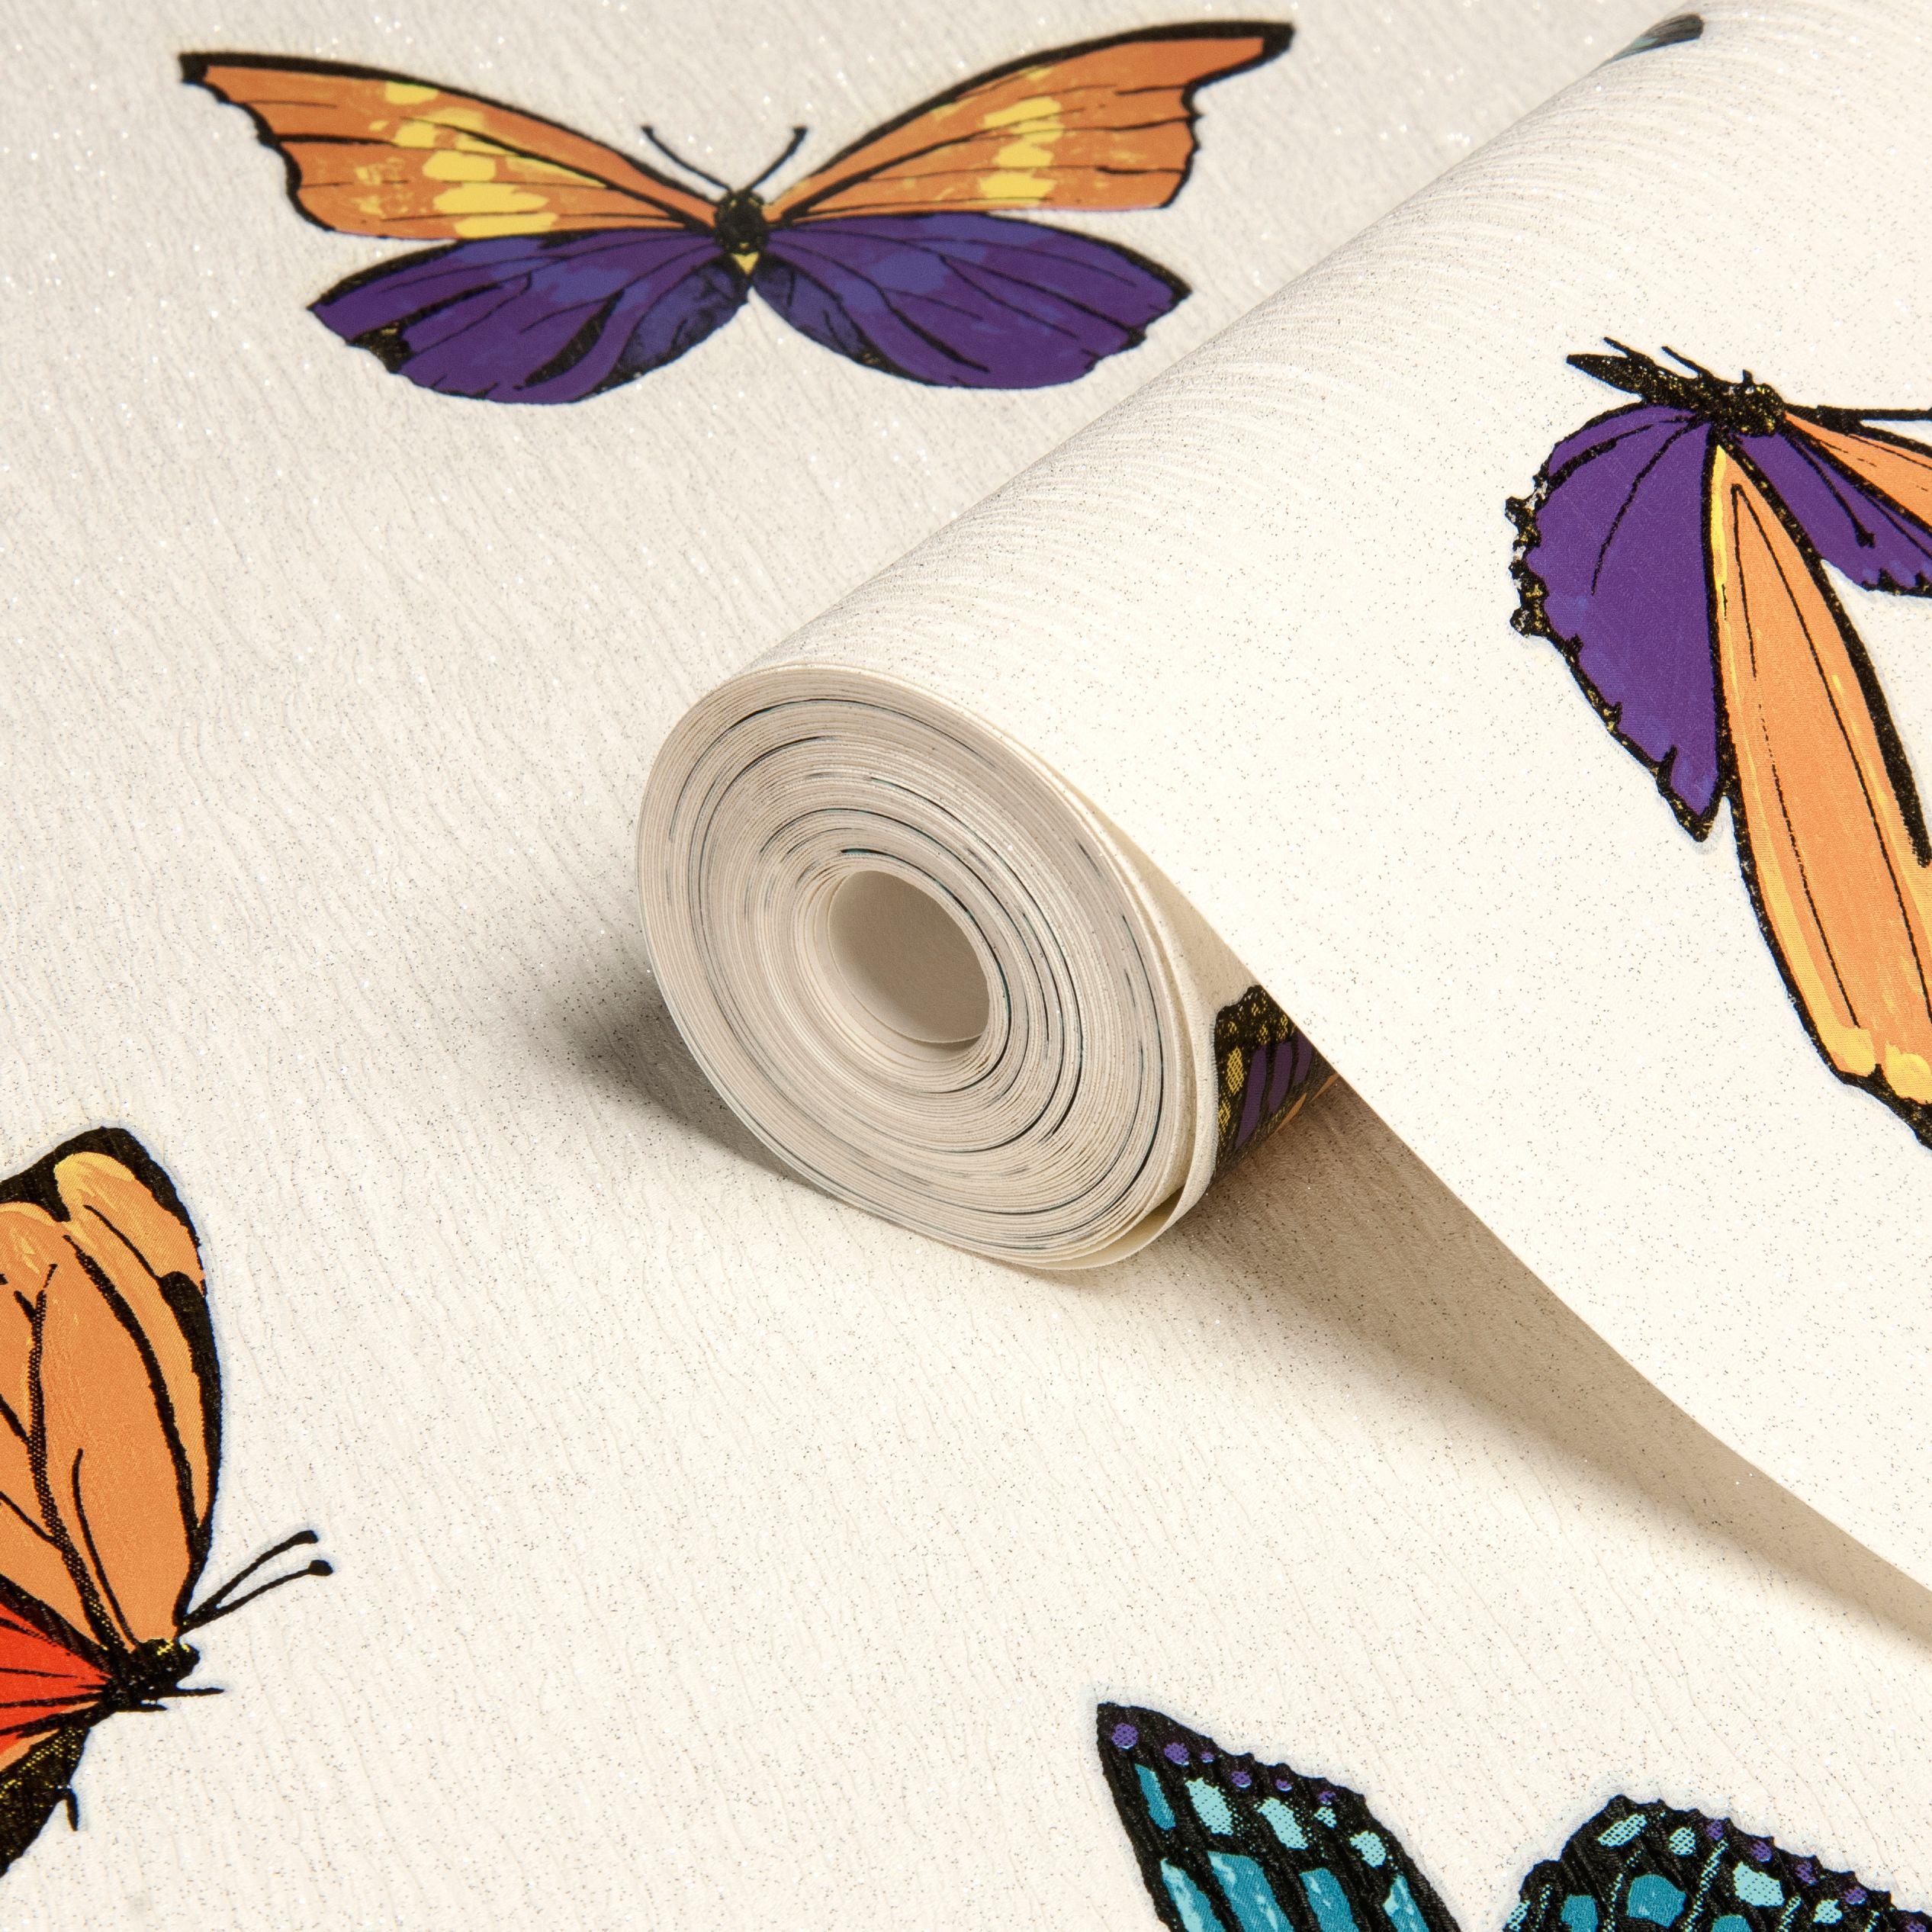 Graham & Brown Julien Macdonald Flutterby Butterfly Glitter & Metallic Effect Wallpaper